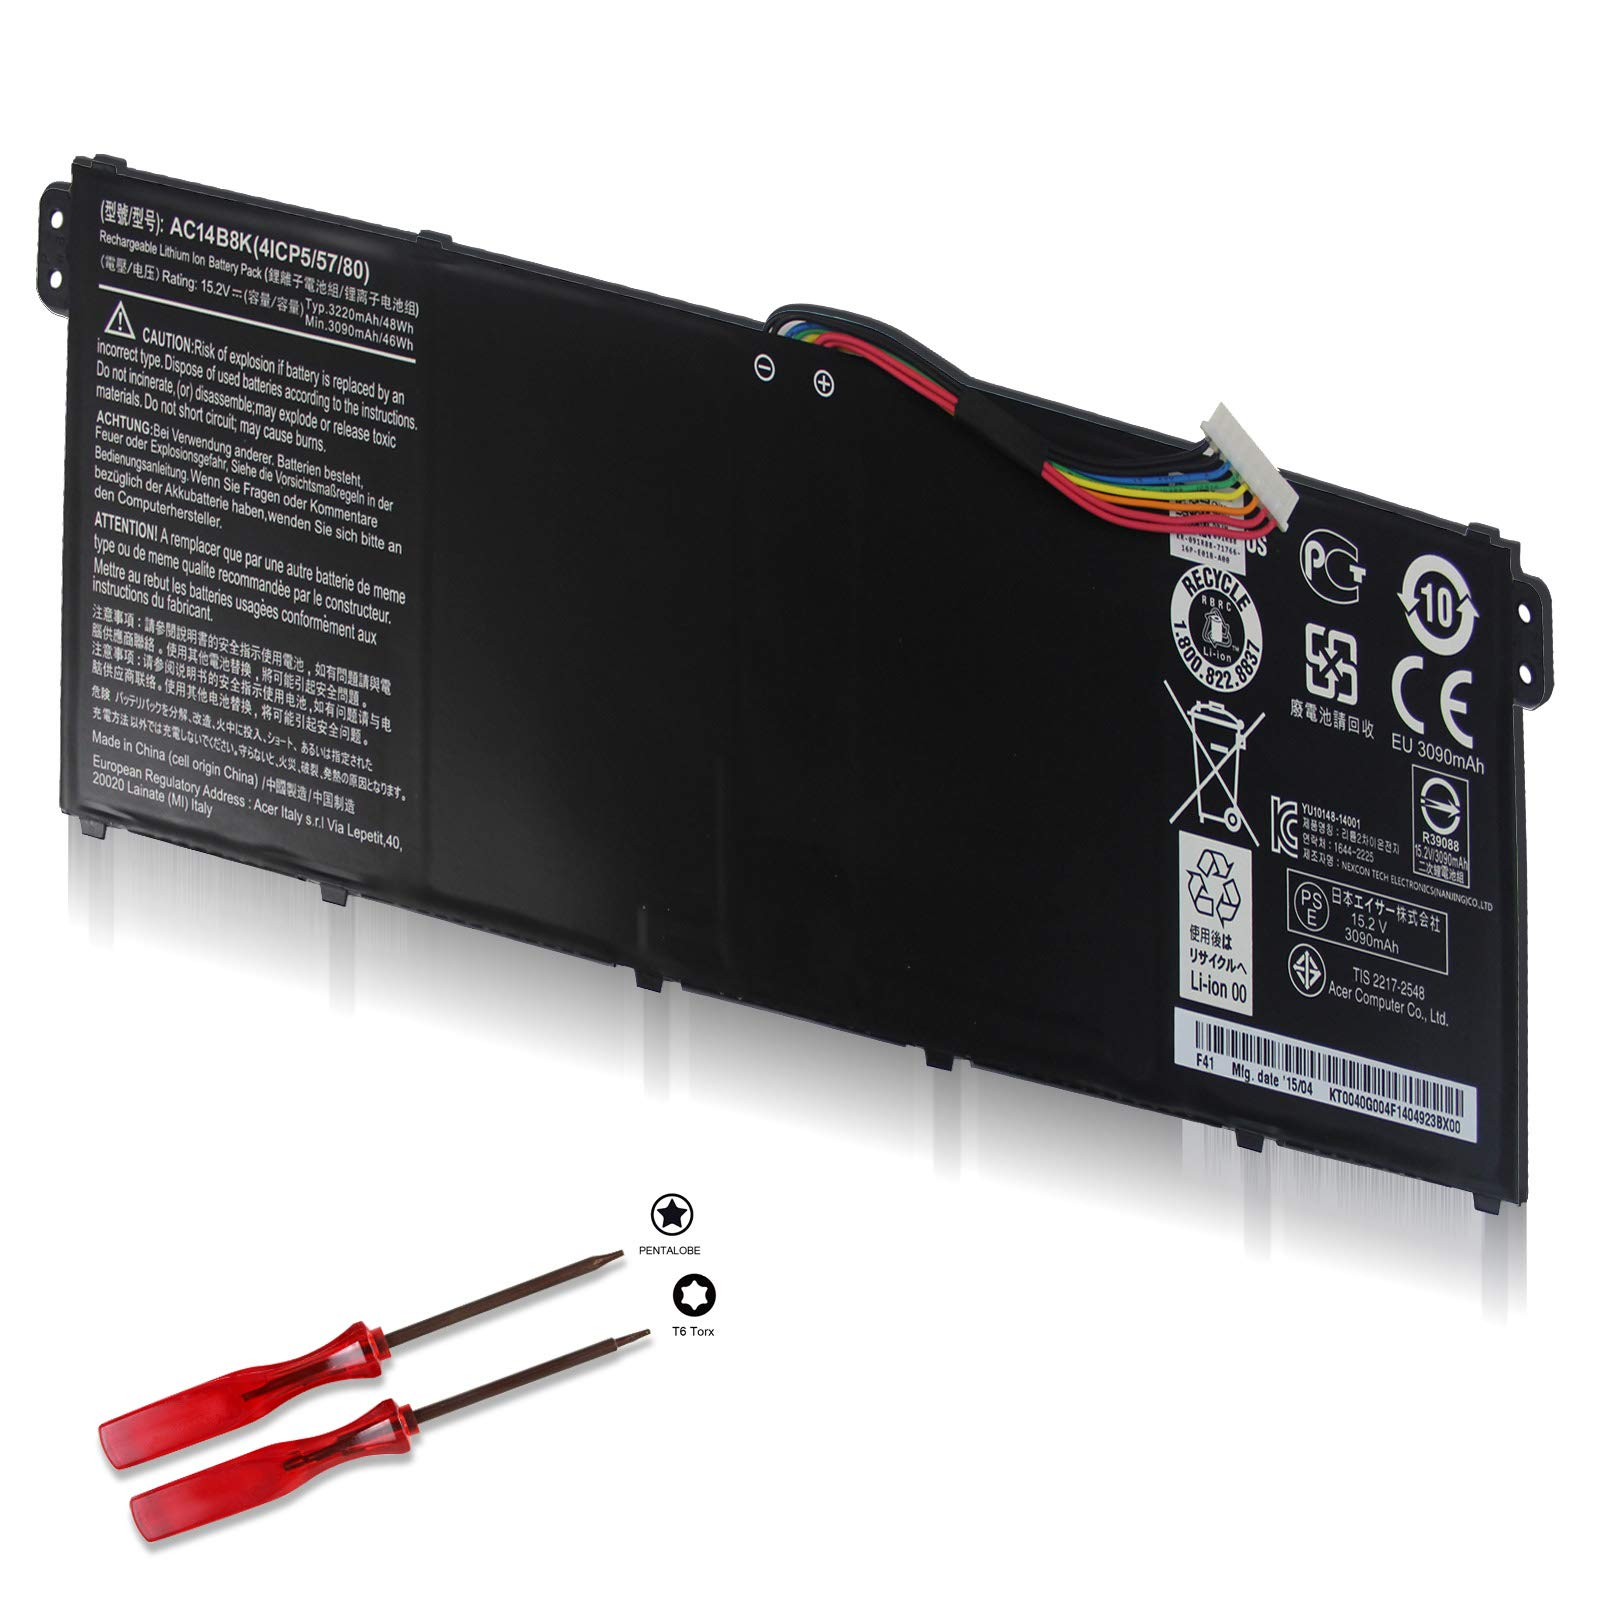 Bateria AC14B8K KT.0040G.004 Acer Chromebook 11 13 CB3-111 C